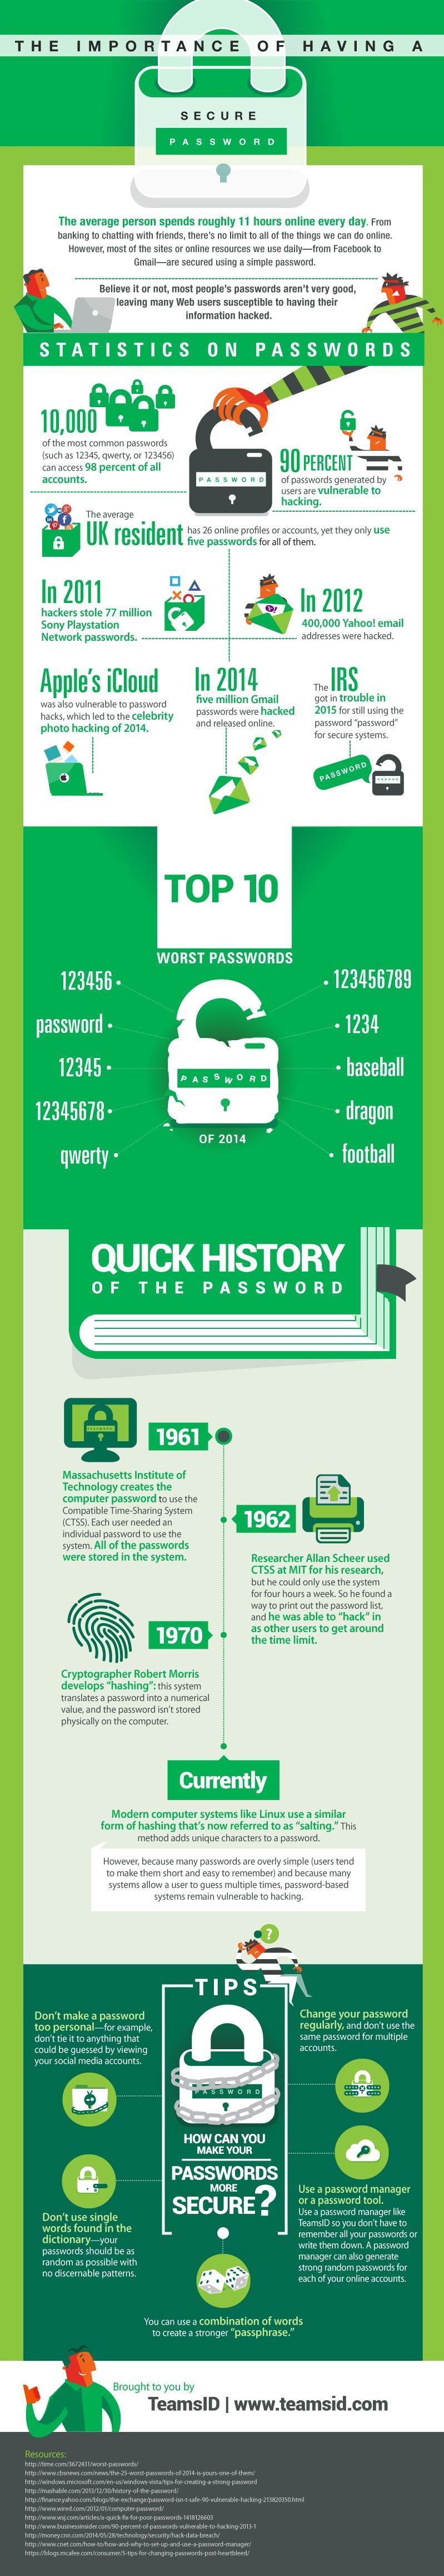 1509_ig_secure-passwordsv3.jpg